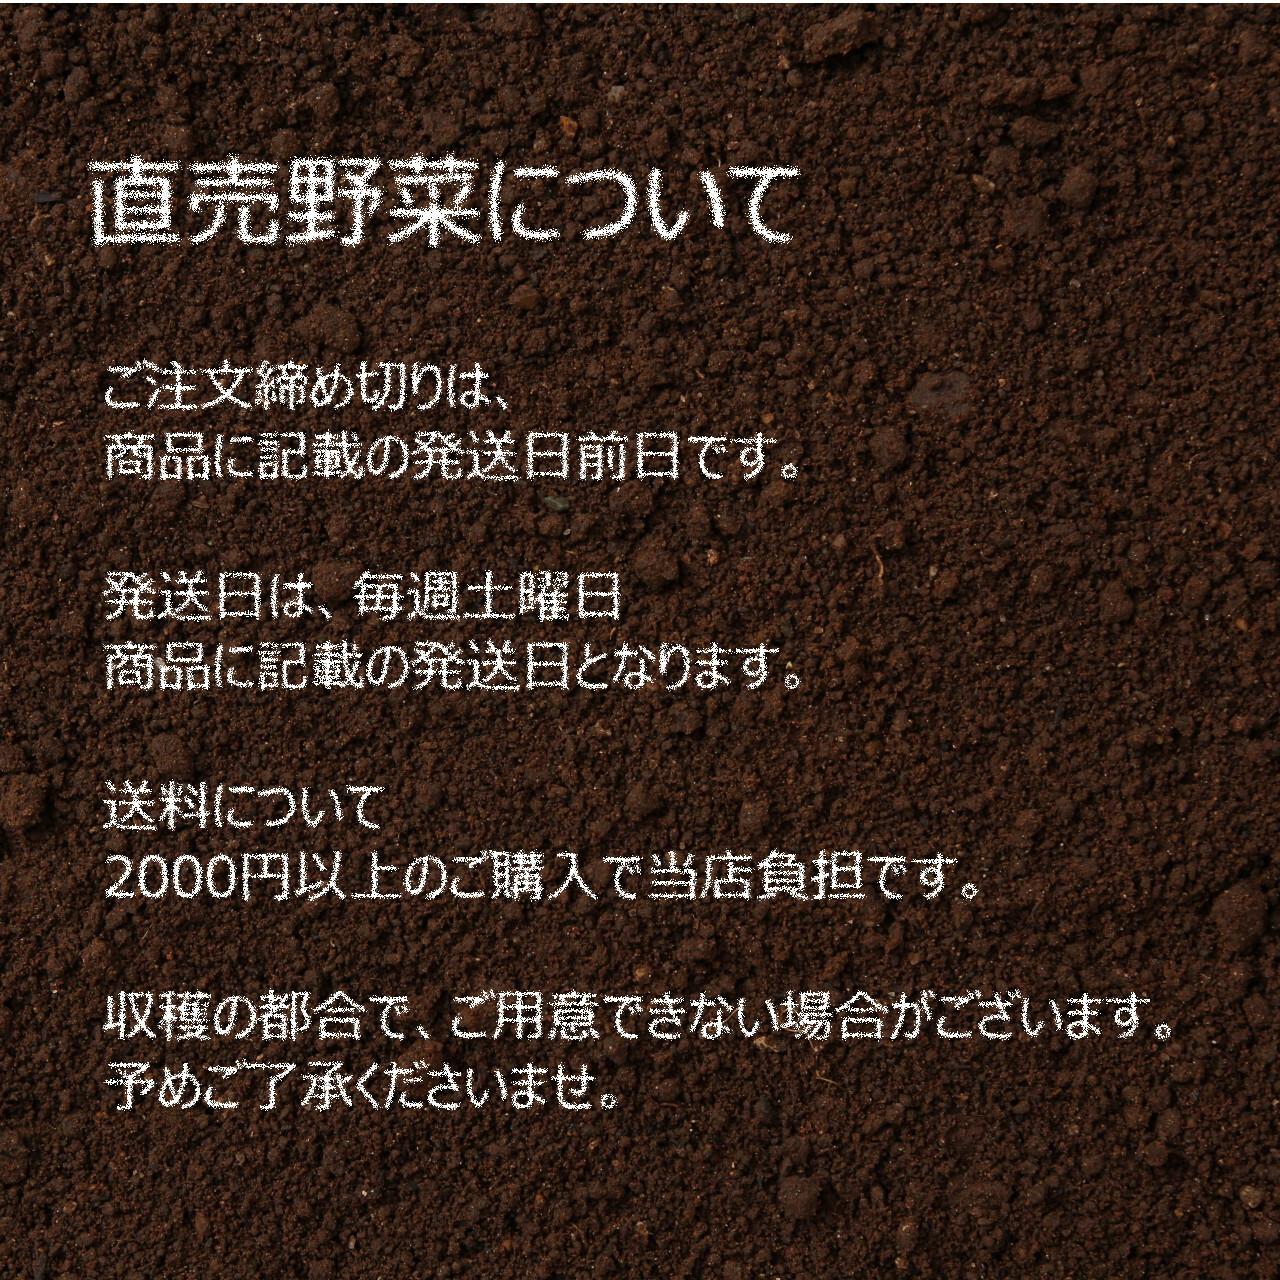 11月の朝採り直売野菜 : ネギ 3~4本 新鮮な秋野菜 11月2日発送予定